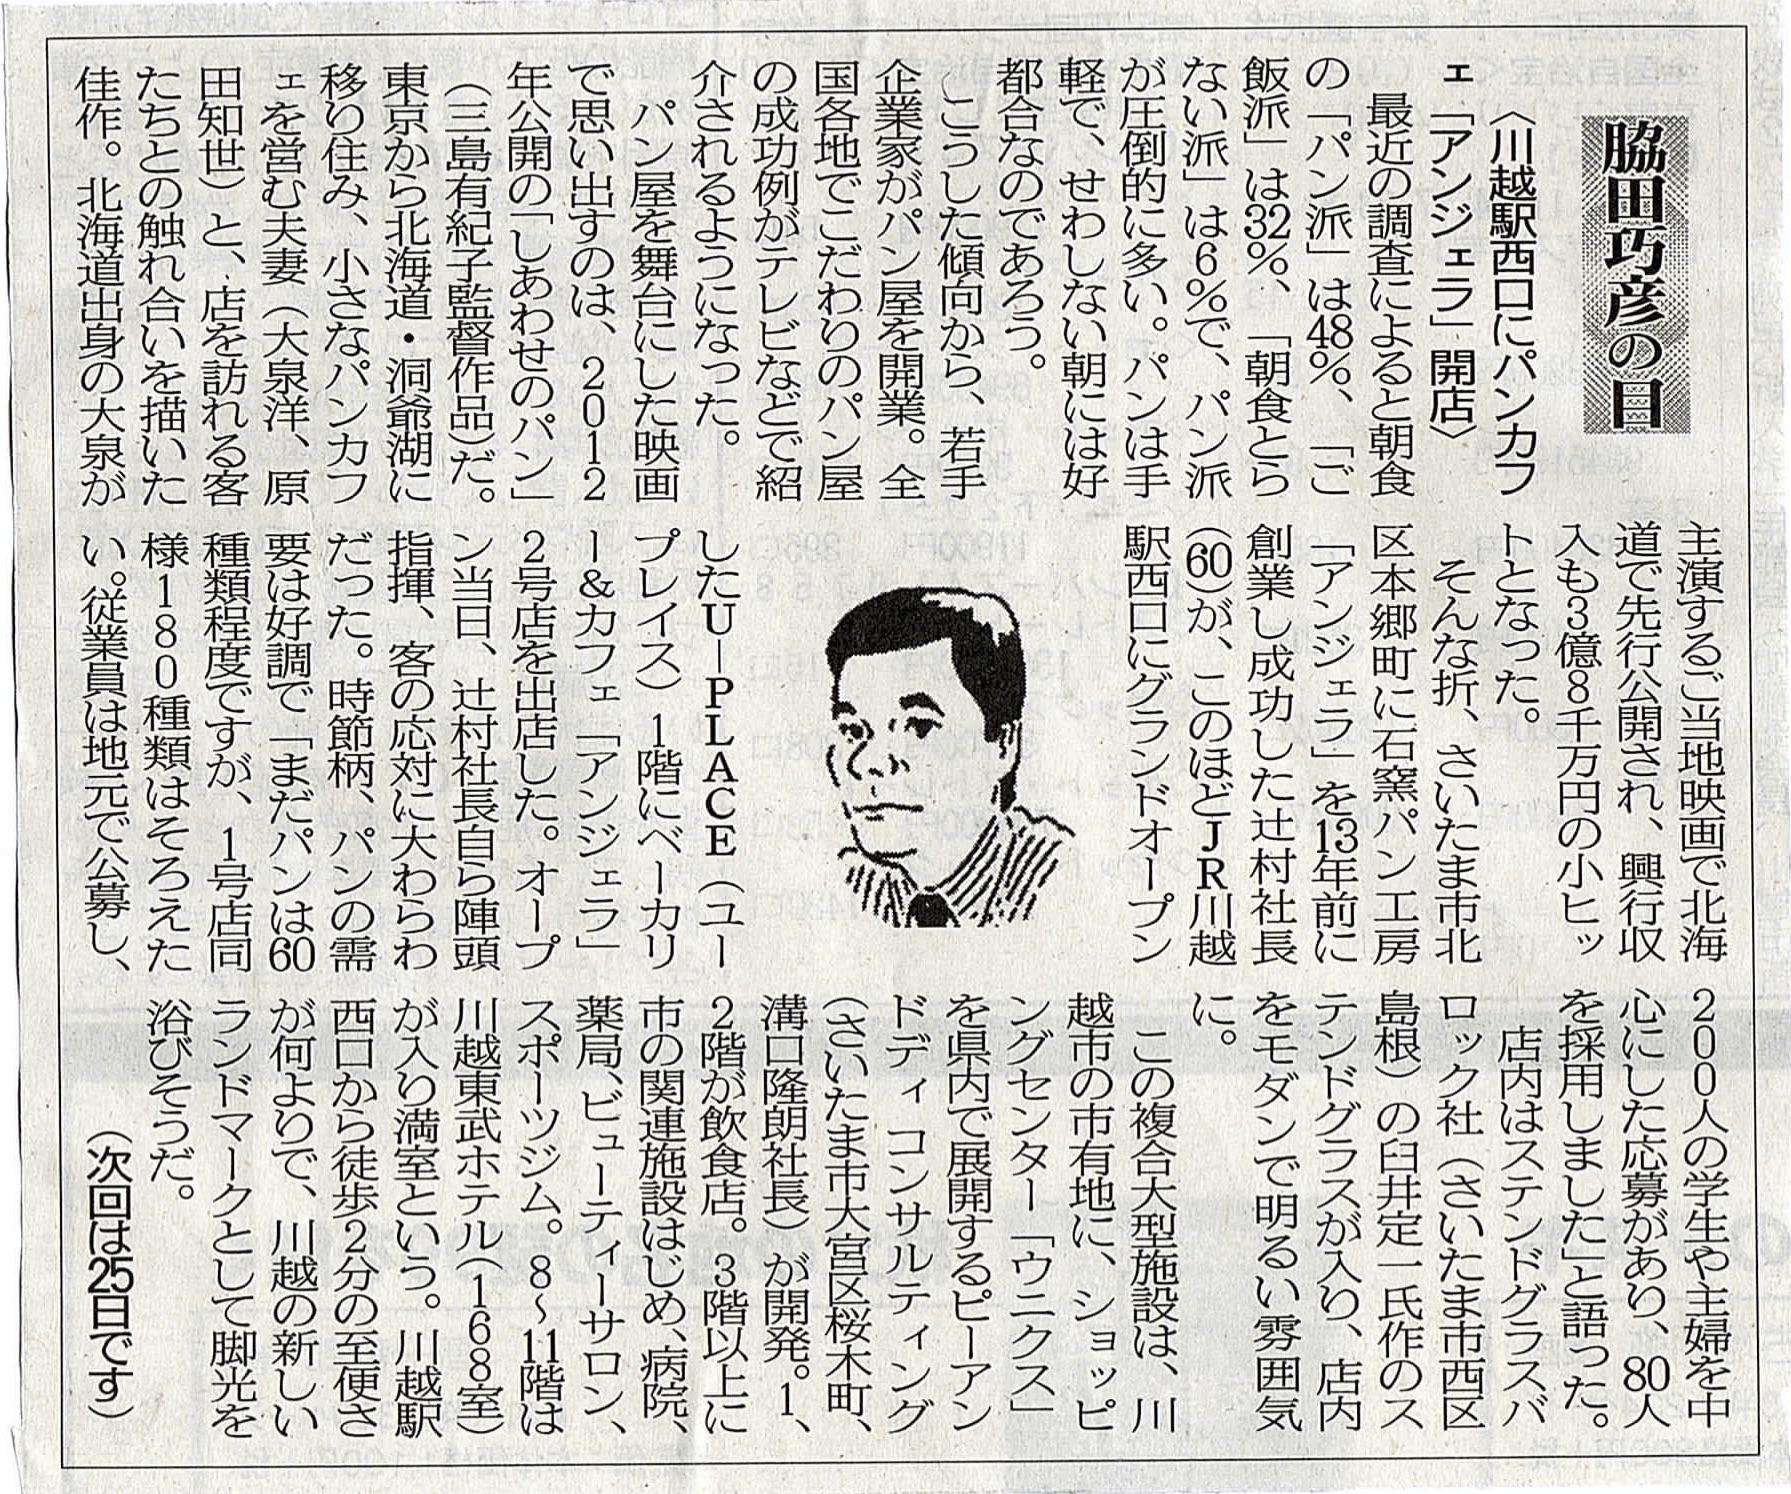 2020年7月11日 川越駅西口にパンカフェ「アンジェラ」開店